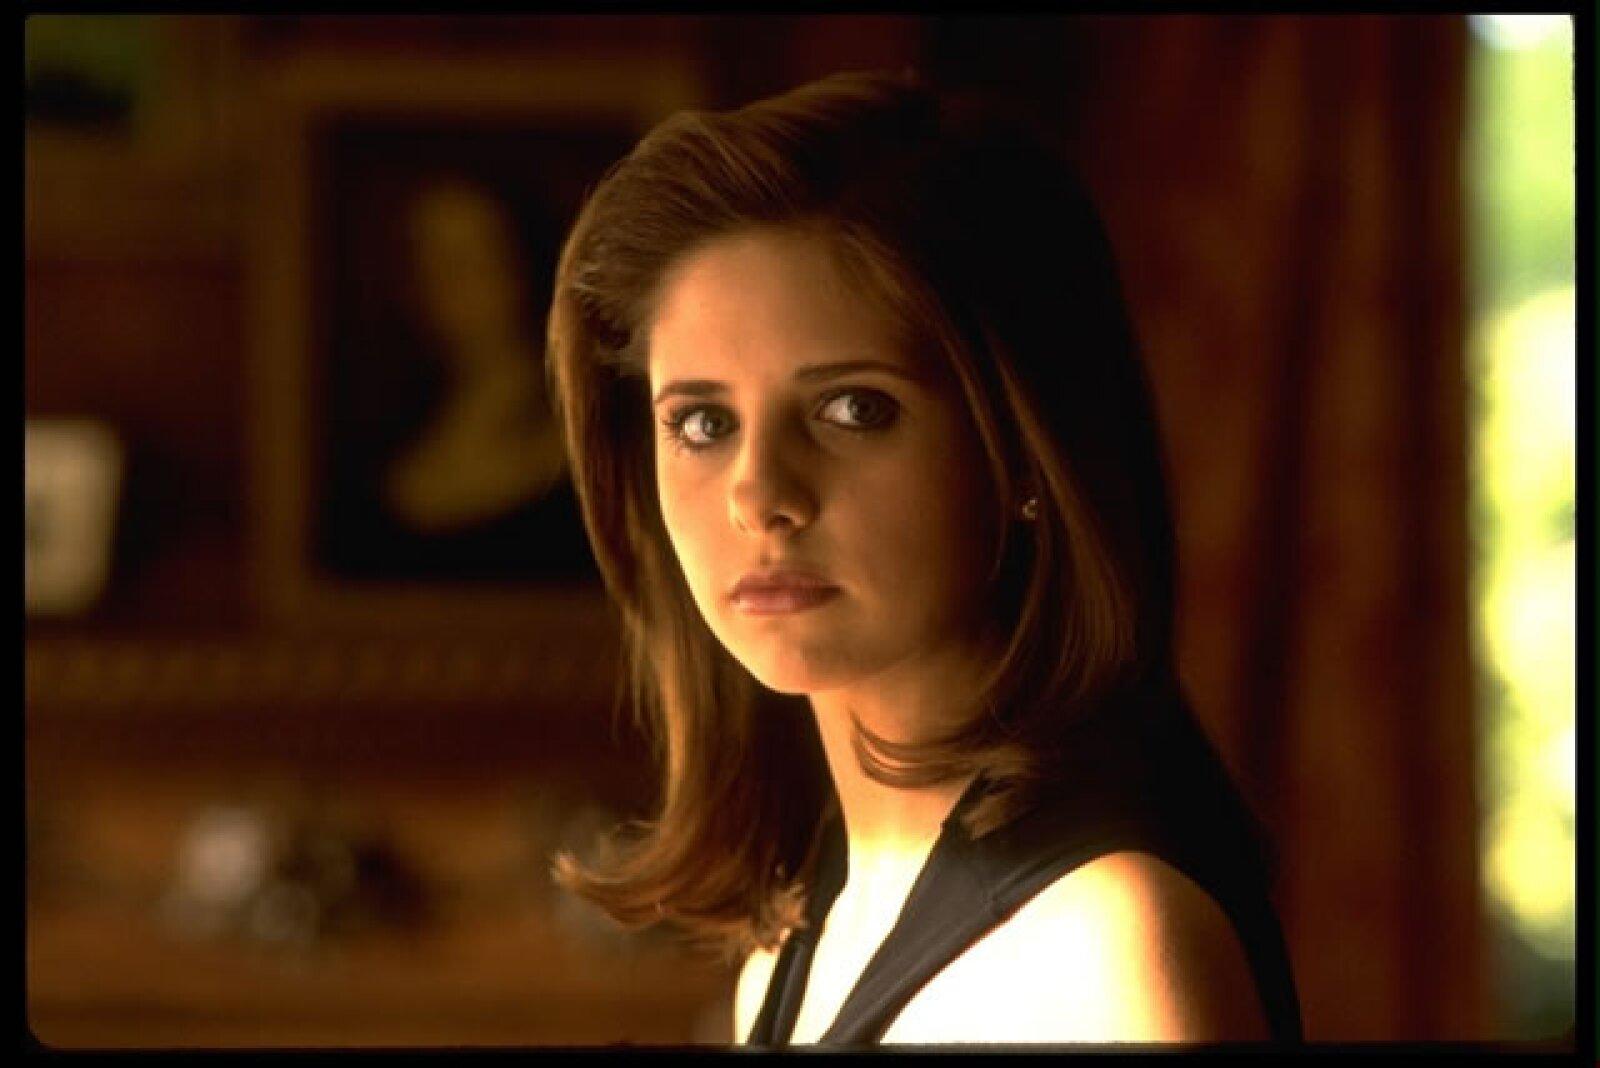 """Sarah Michelle Gellar es el ejemplo claro de """"maldad"""", pues su persona en el filme """"Cruel Intententions"""" nos hizo ver que a veces las bonitas son las más malas. Aquí la mala Kathryn Merteuil."""